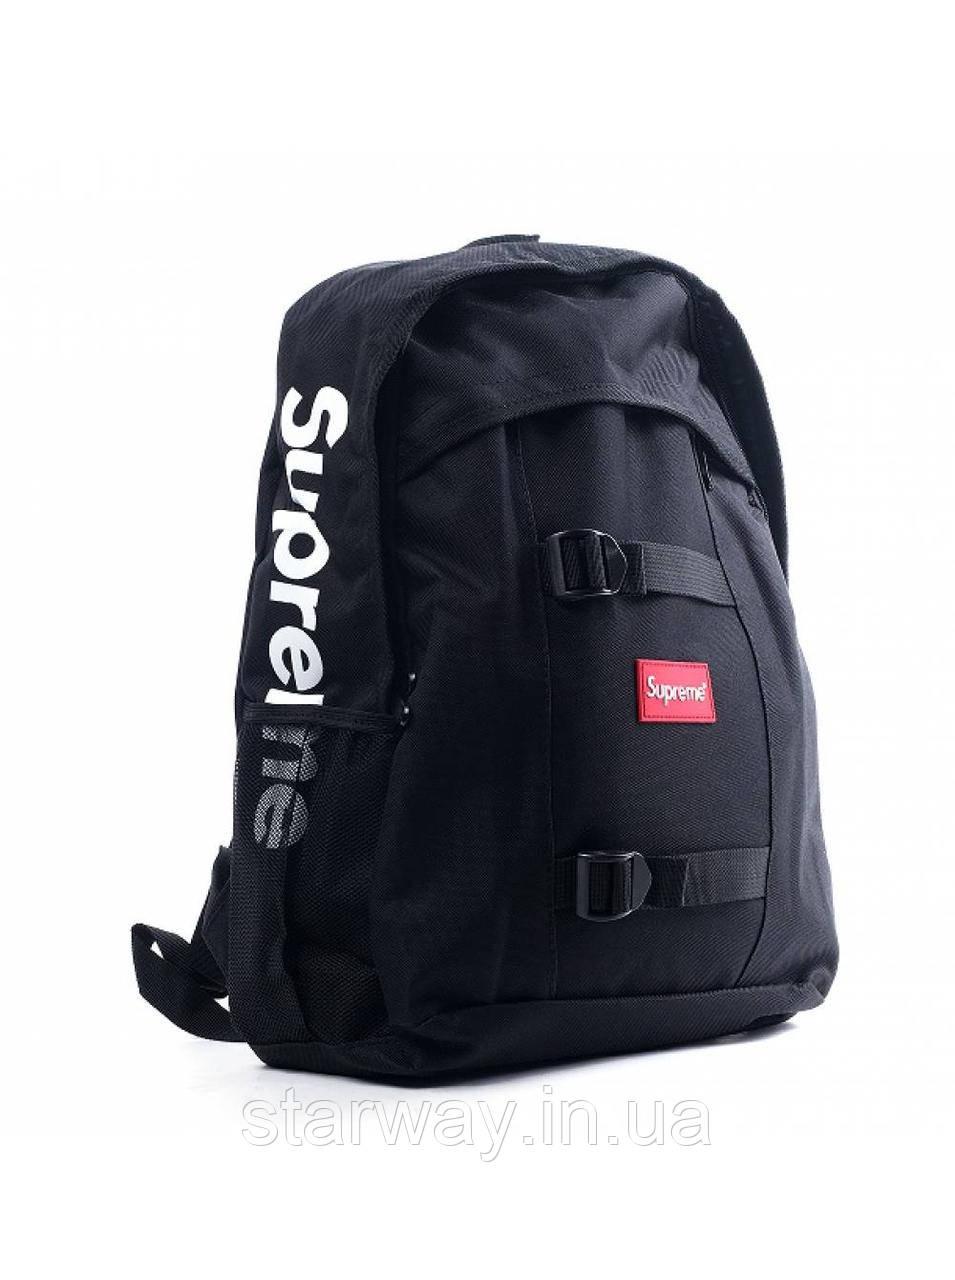 Рюкзак чёрный Supreme logo | Оригинальная бирка